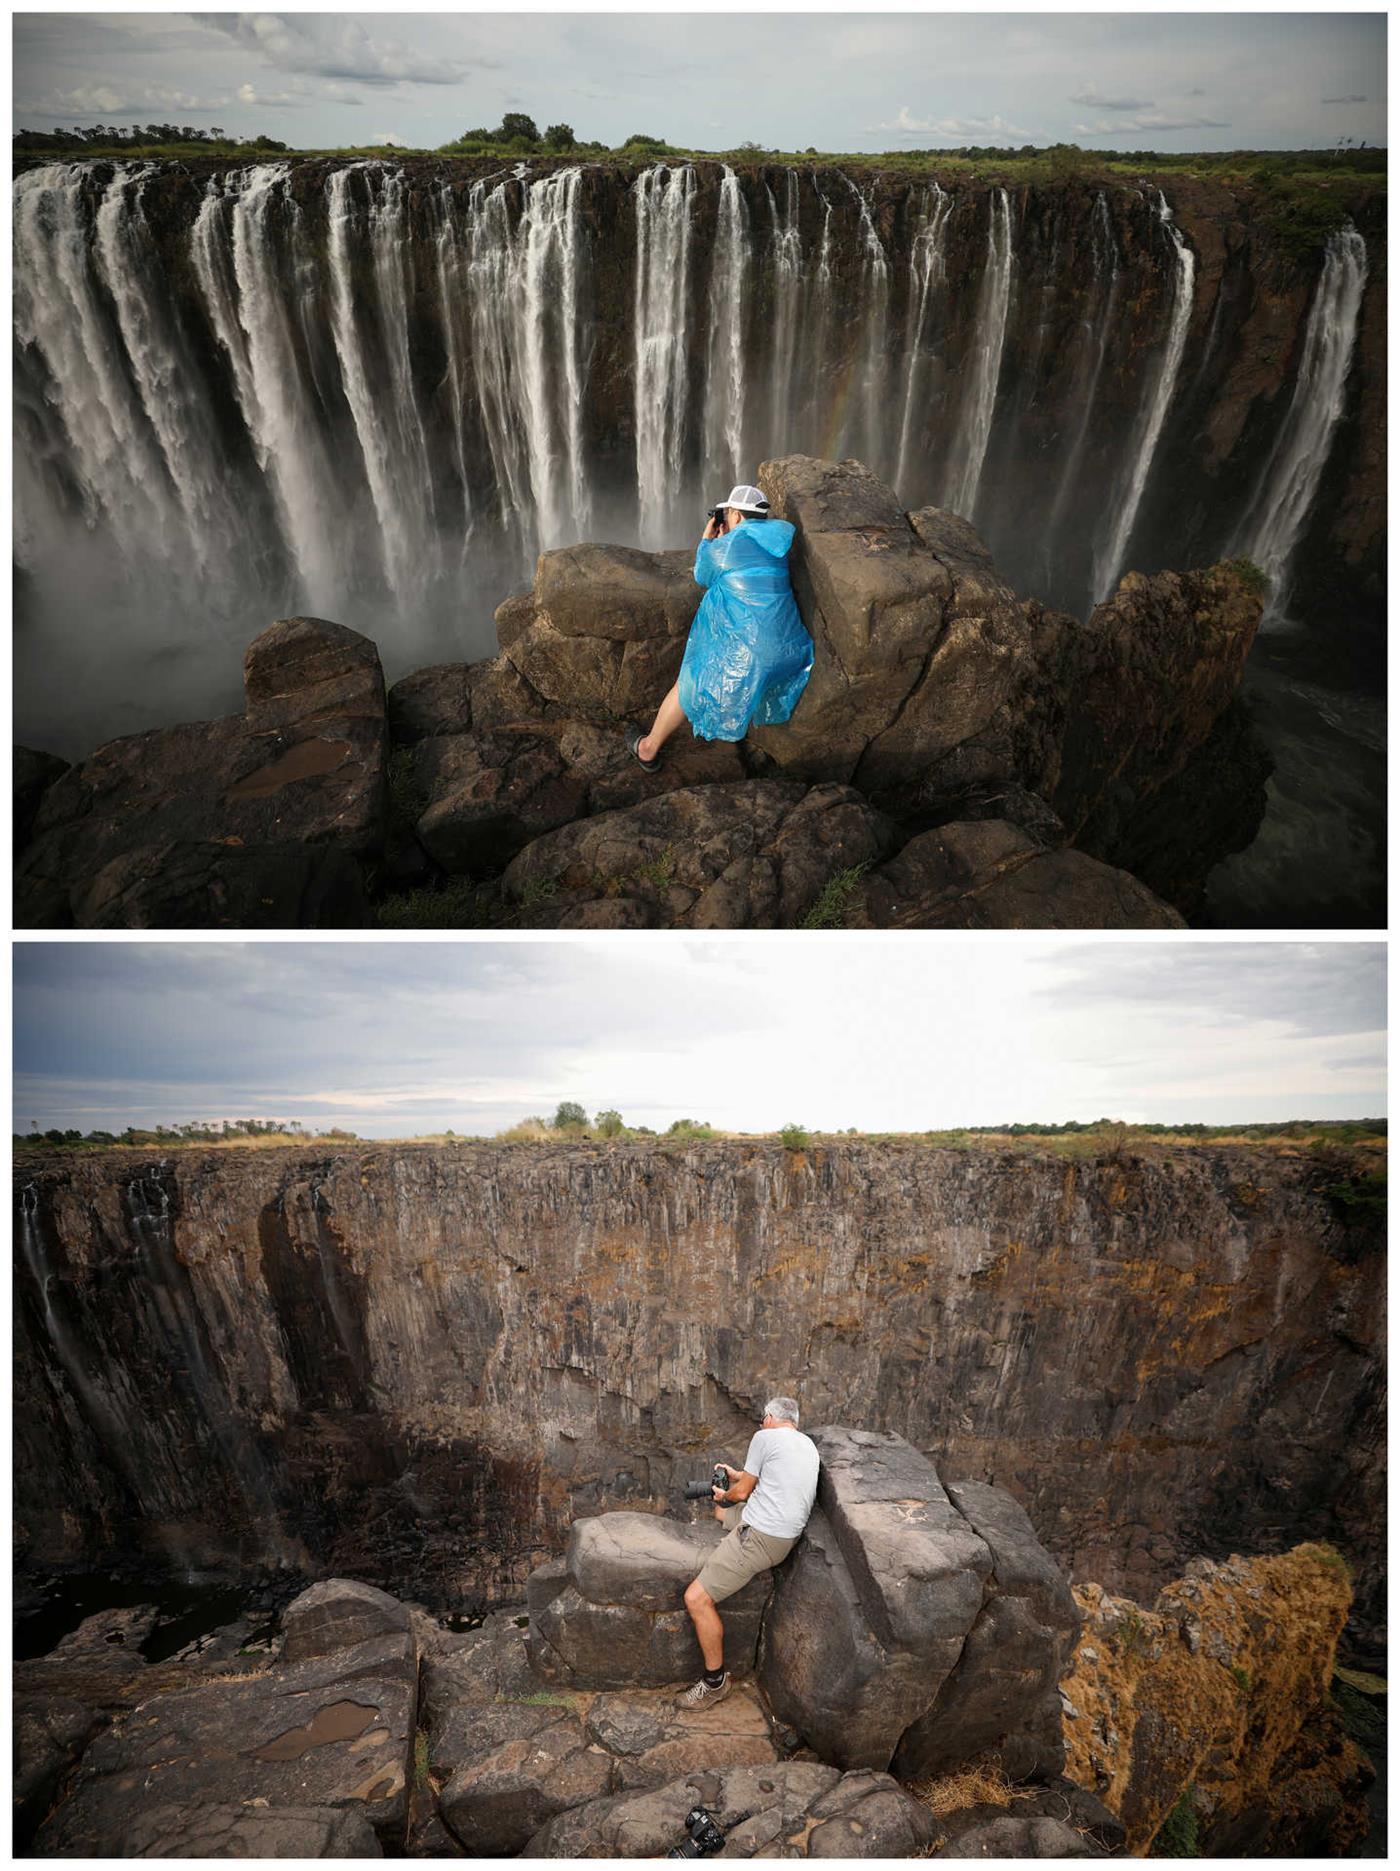 O antes e o depois - na estação seca as cataratas ficam quase sem água. Este ano o fenómeno atingiu proporções